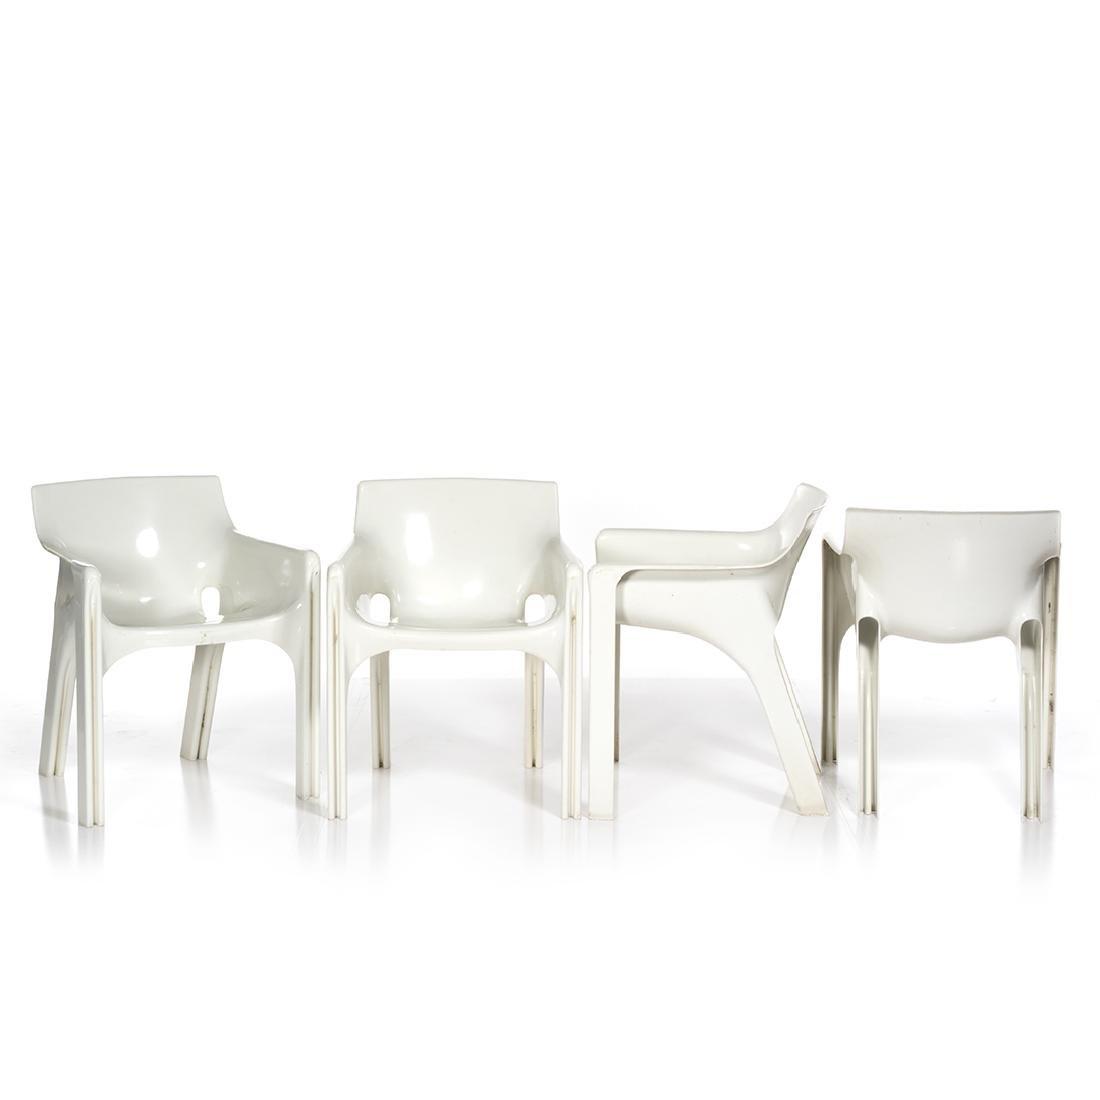 Vico Magistretti Gaudi Chairs (4) - 2